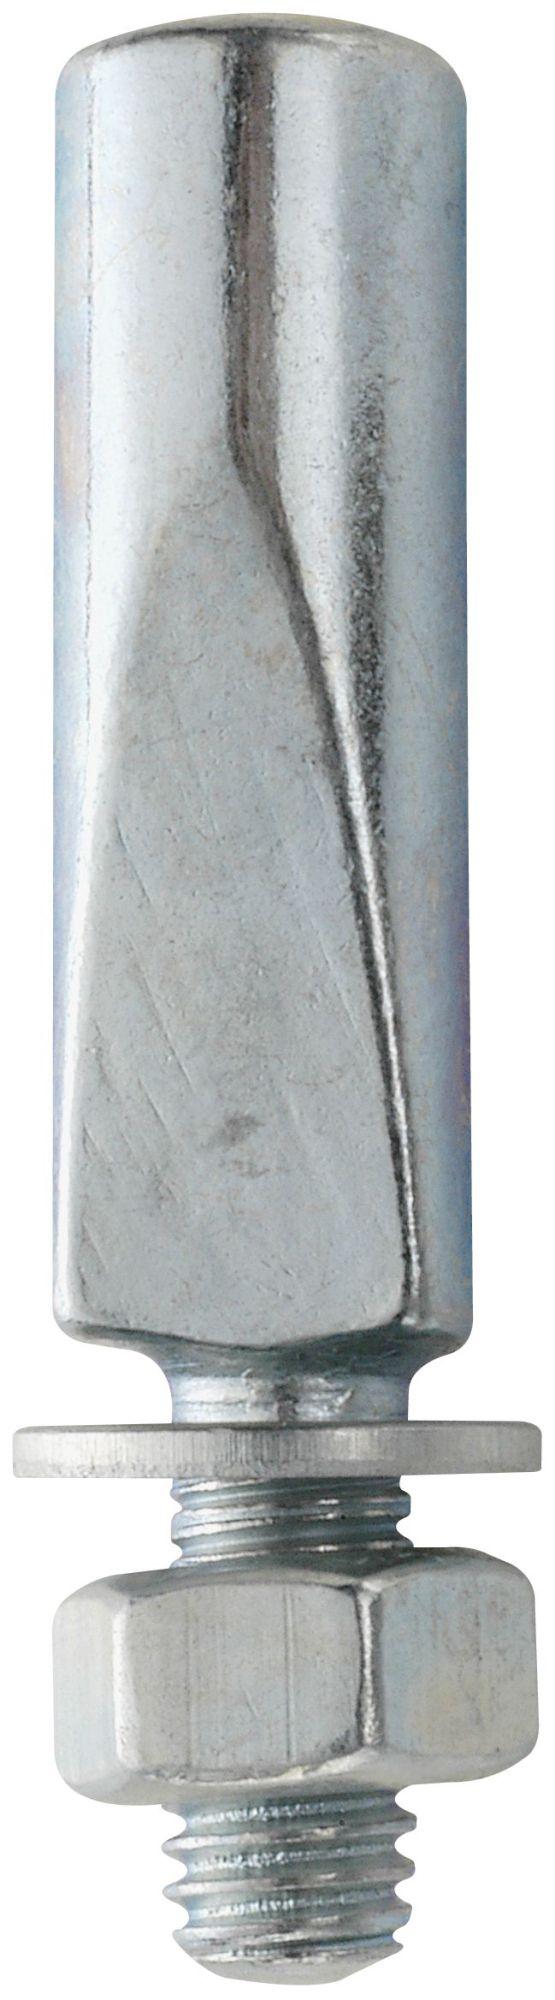 zubehör (kettengarnitur)/Kette: ZEG  Kurbelkeile 95mm mit kurzer Fläch 7429